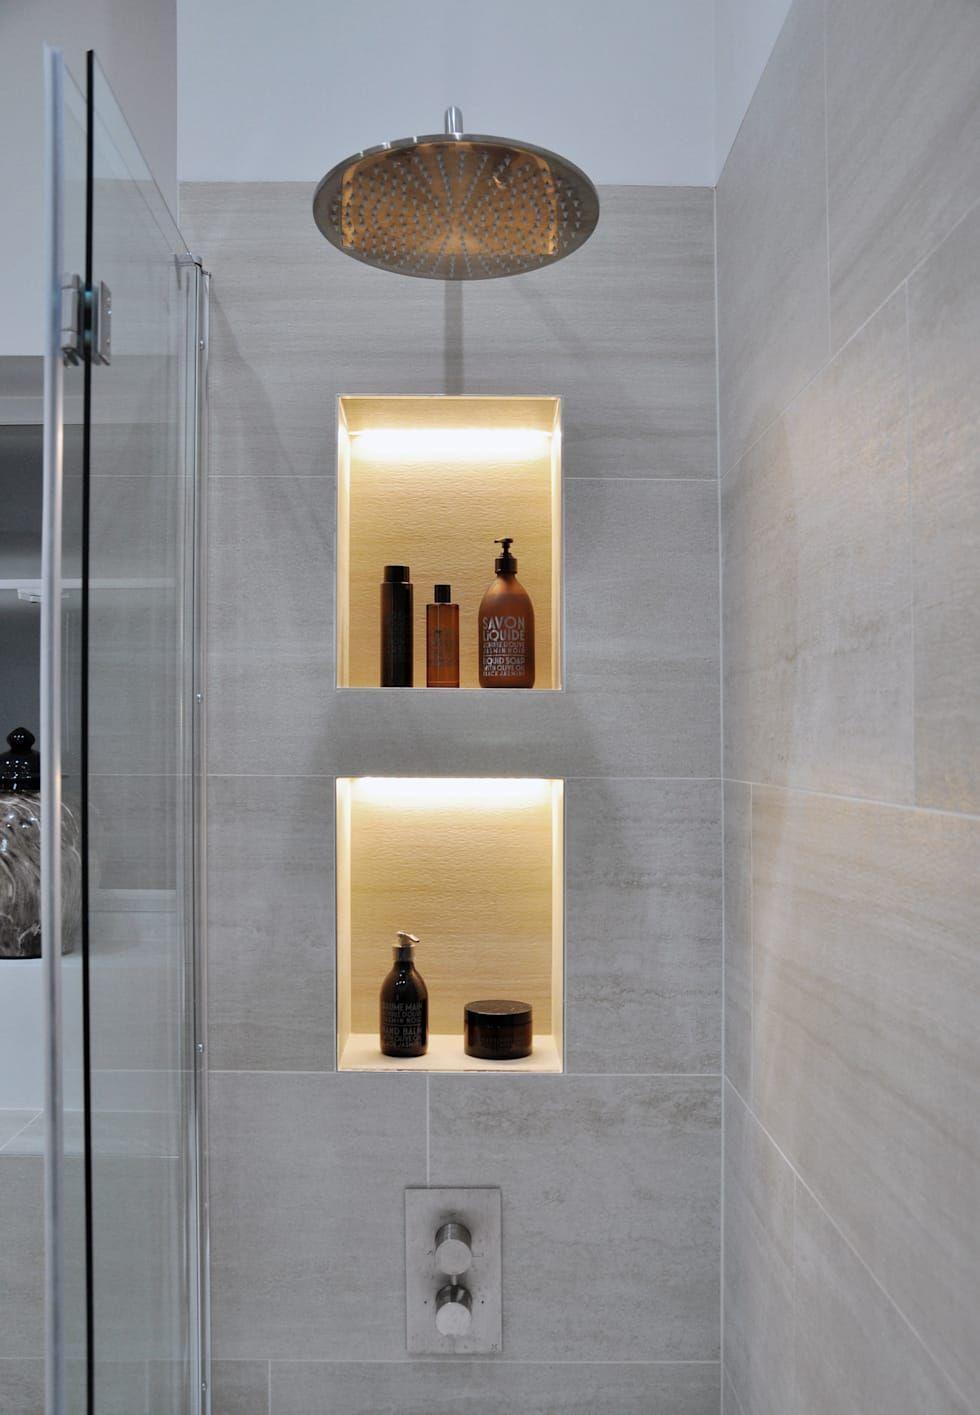 Moderne Badezimmer Von Studio To Mit Bildern Badezimmer Design Modernes Badezimmer Badezimmer